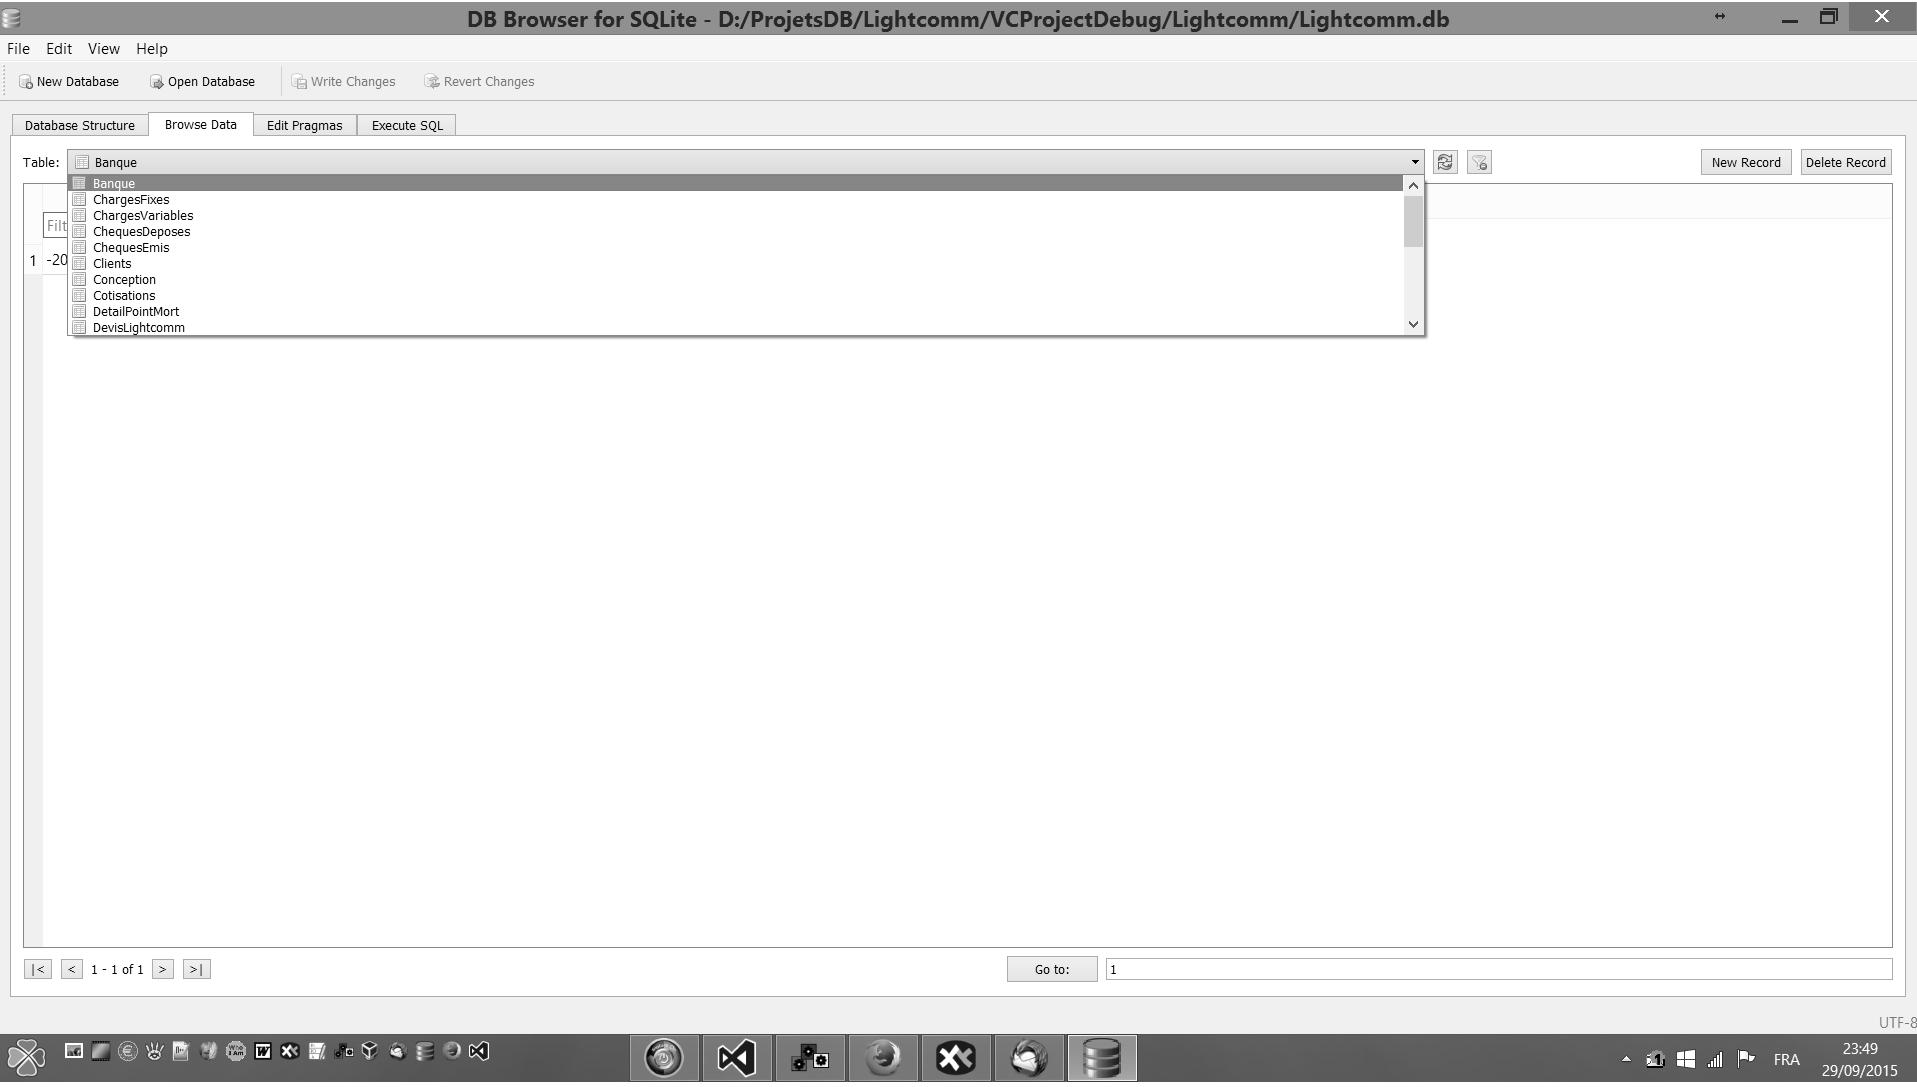 db browser